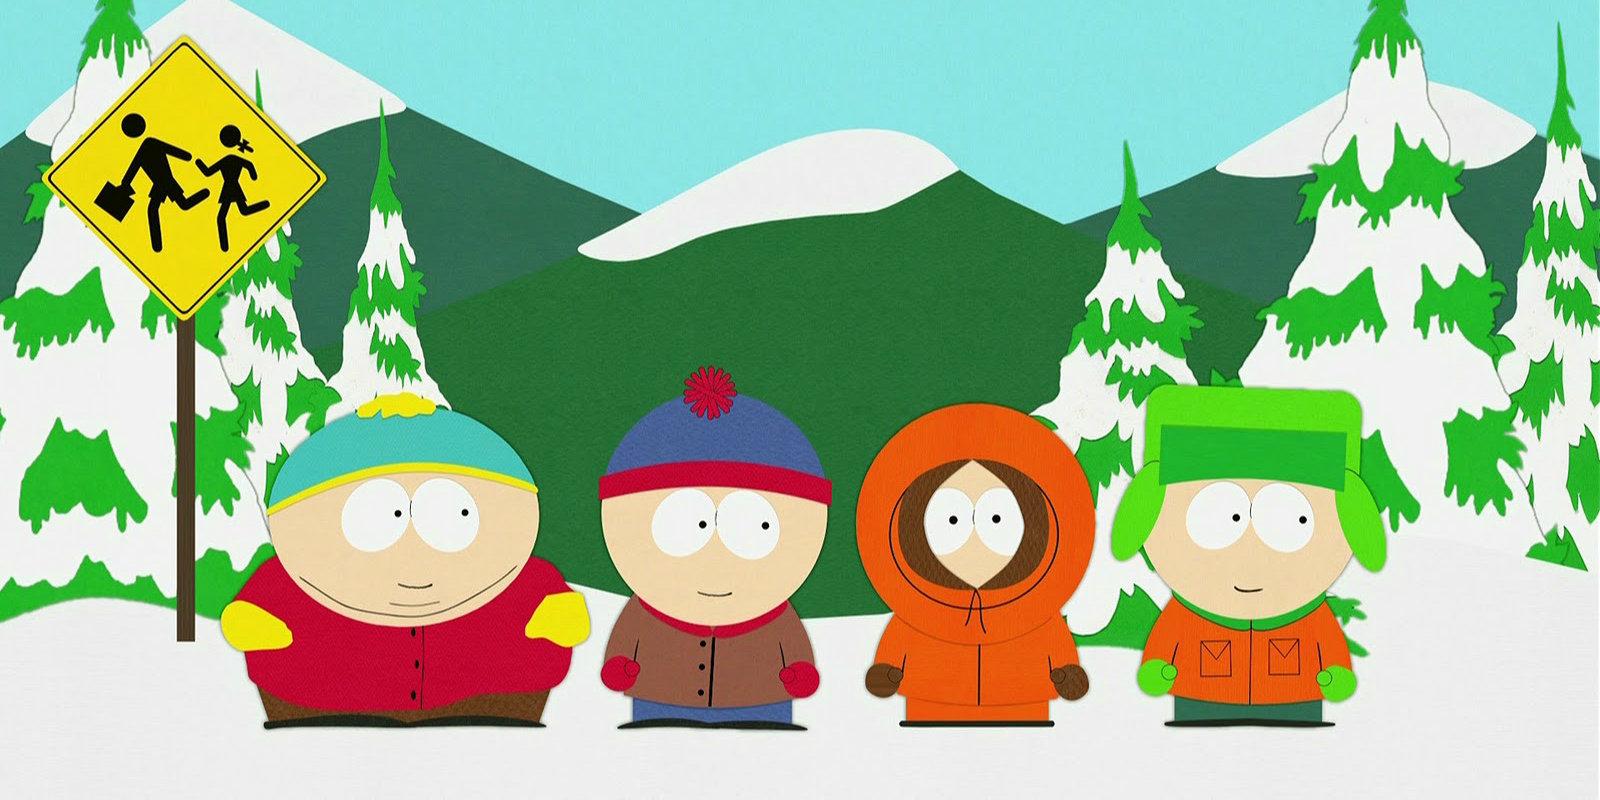 South Park Reveals Target For S21 Premiere